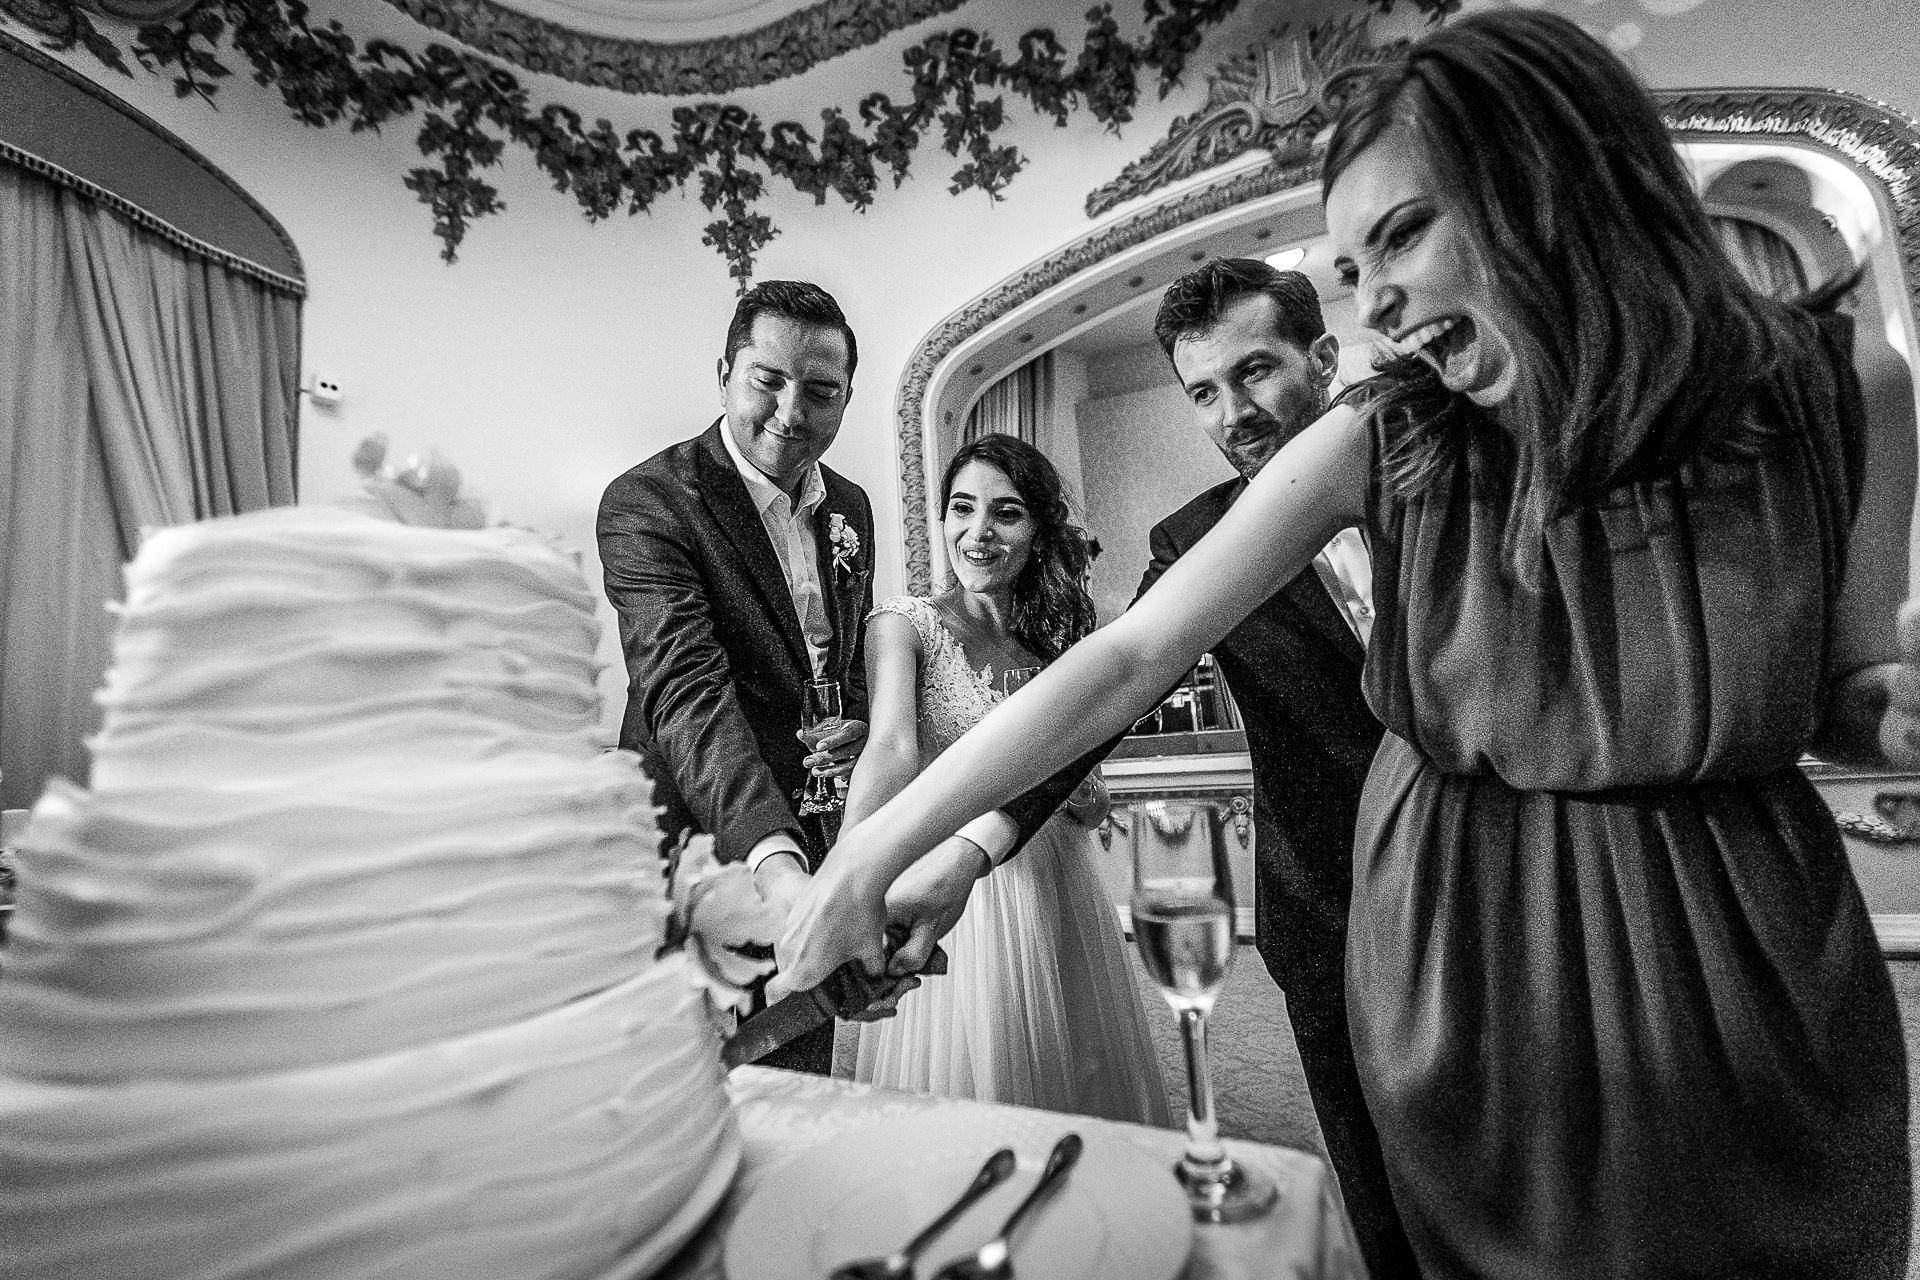 nuntă Salon Elisabeta - Elena şi Costin - Mihai Zaharia Photography - 102